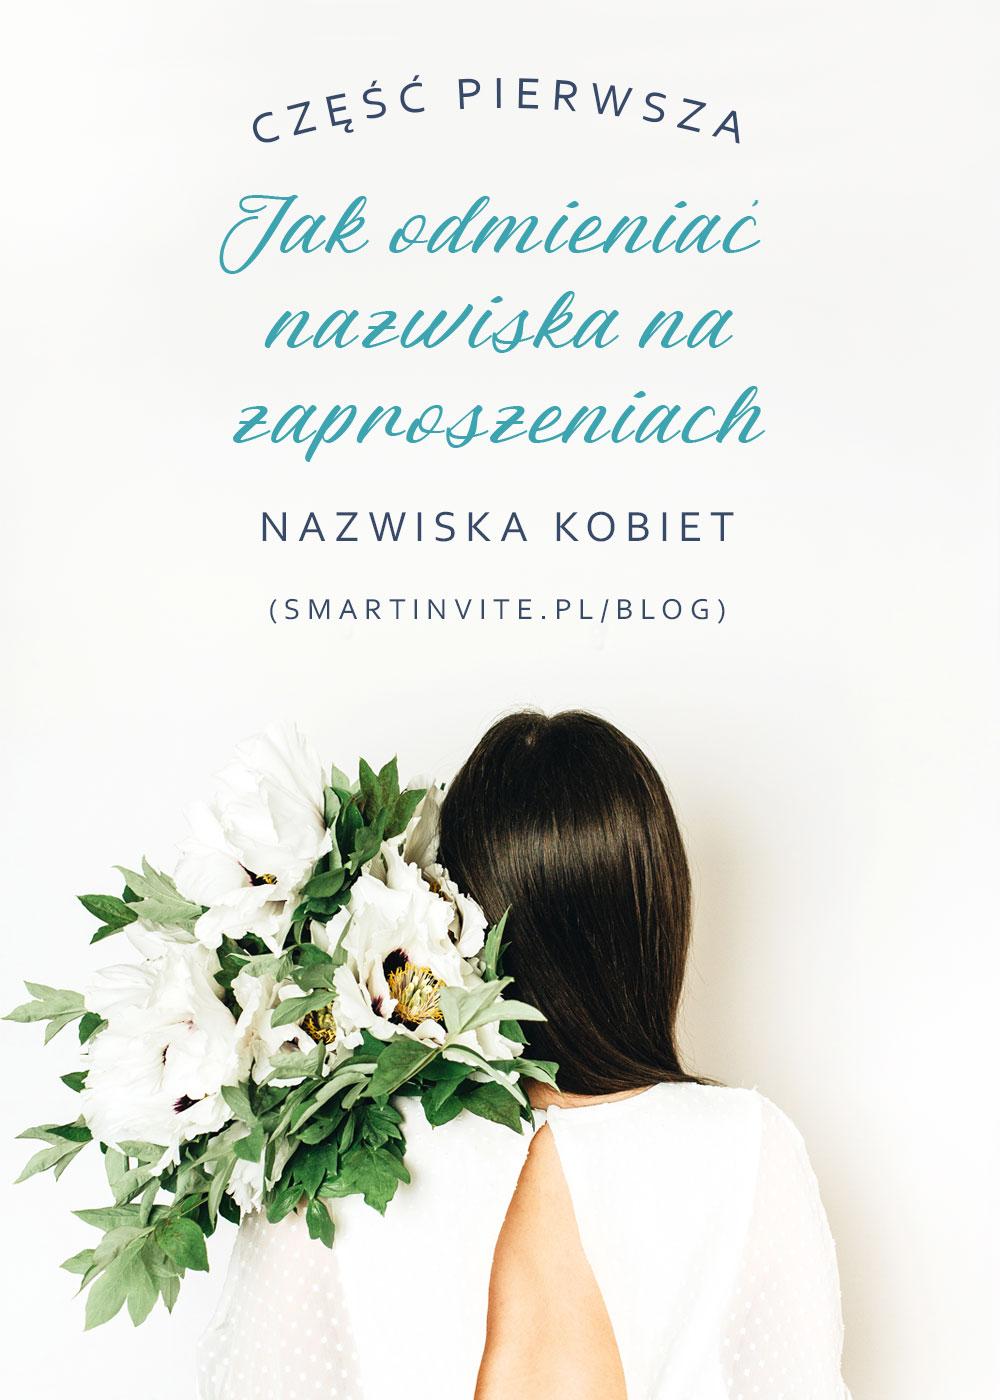 Odmiana nazwisk na zaproszeniach smartinvite.pl - Część 1.